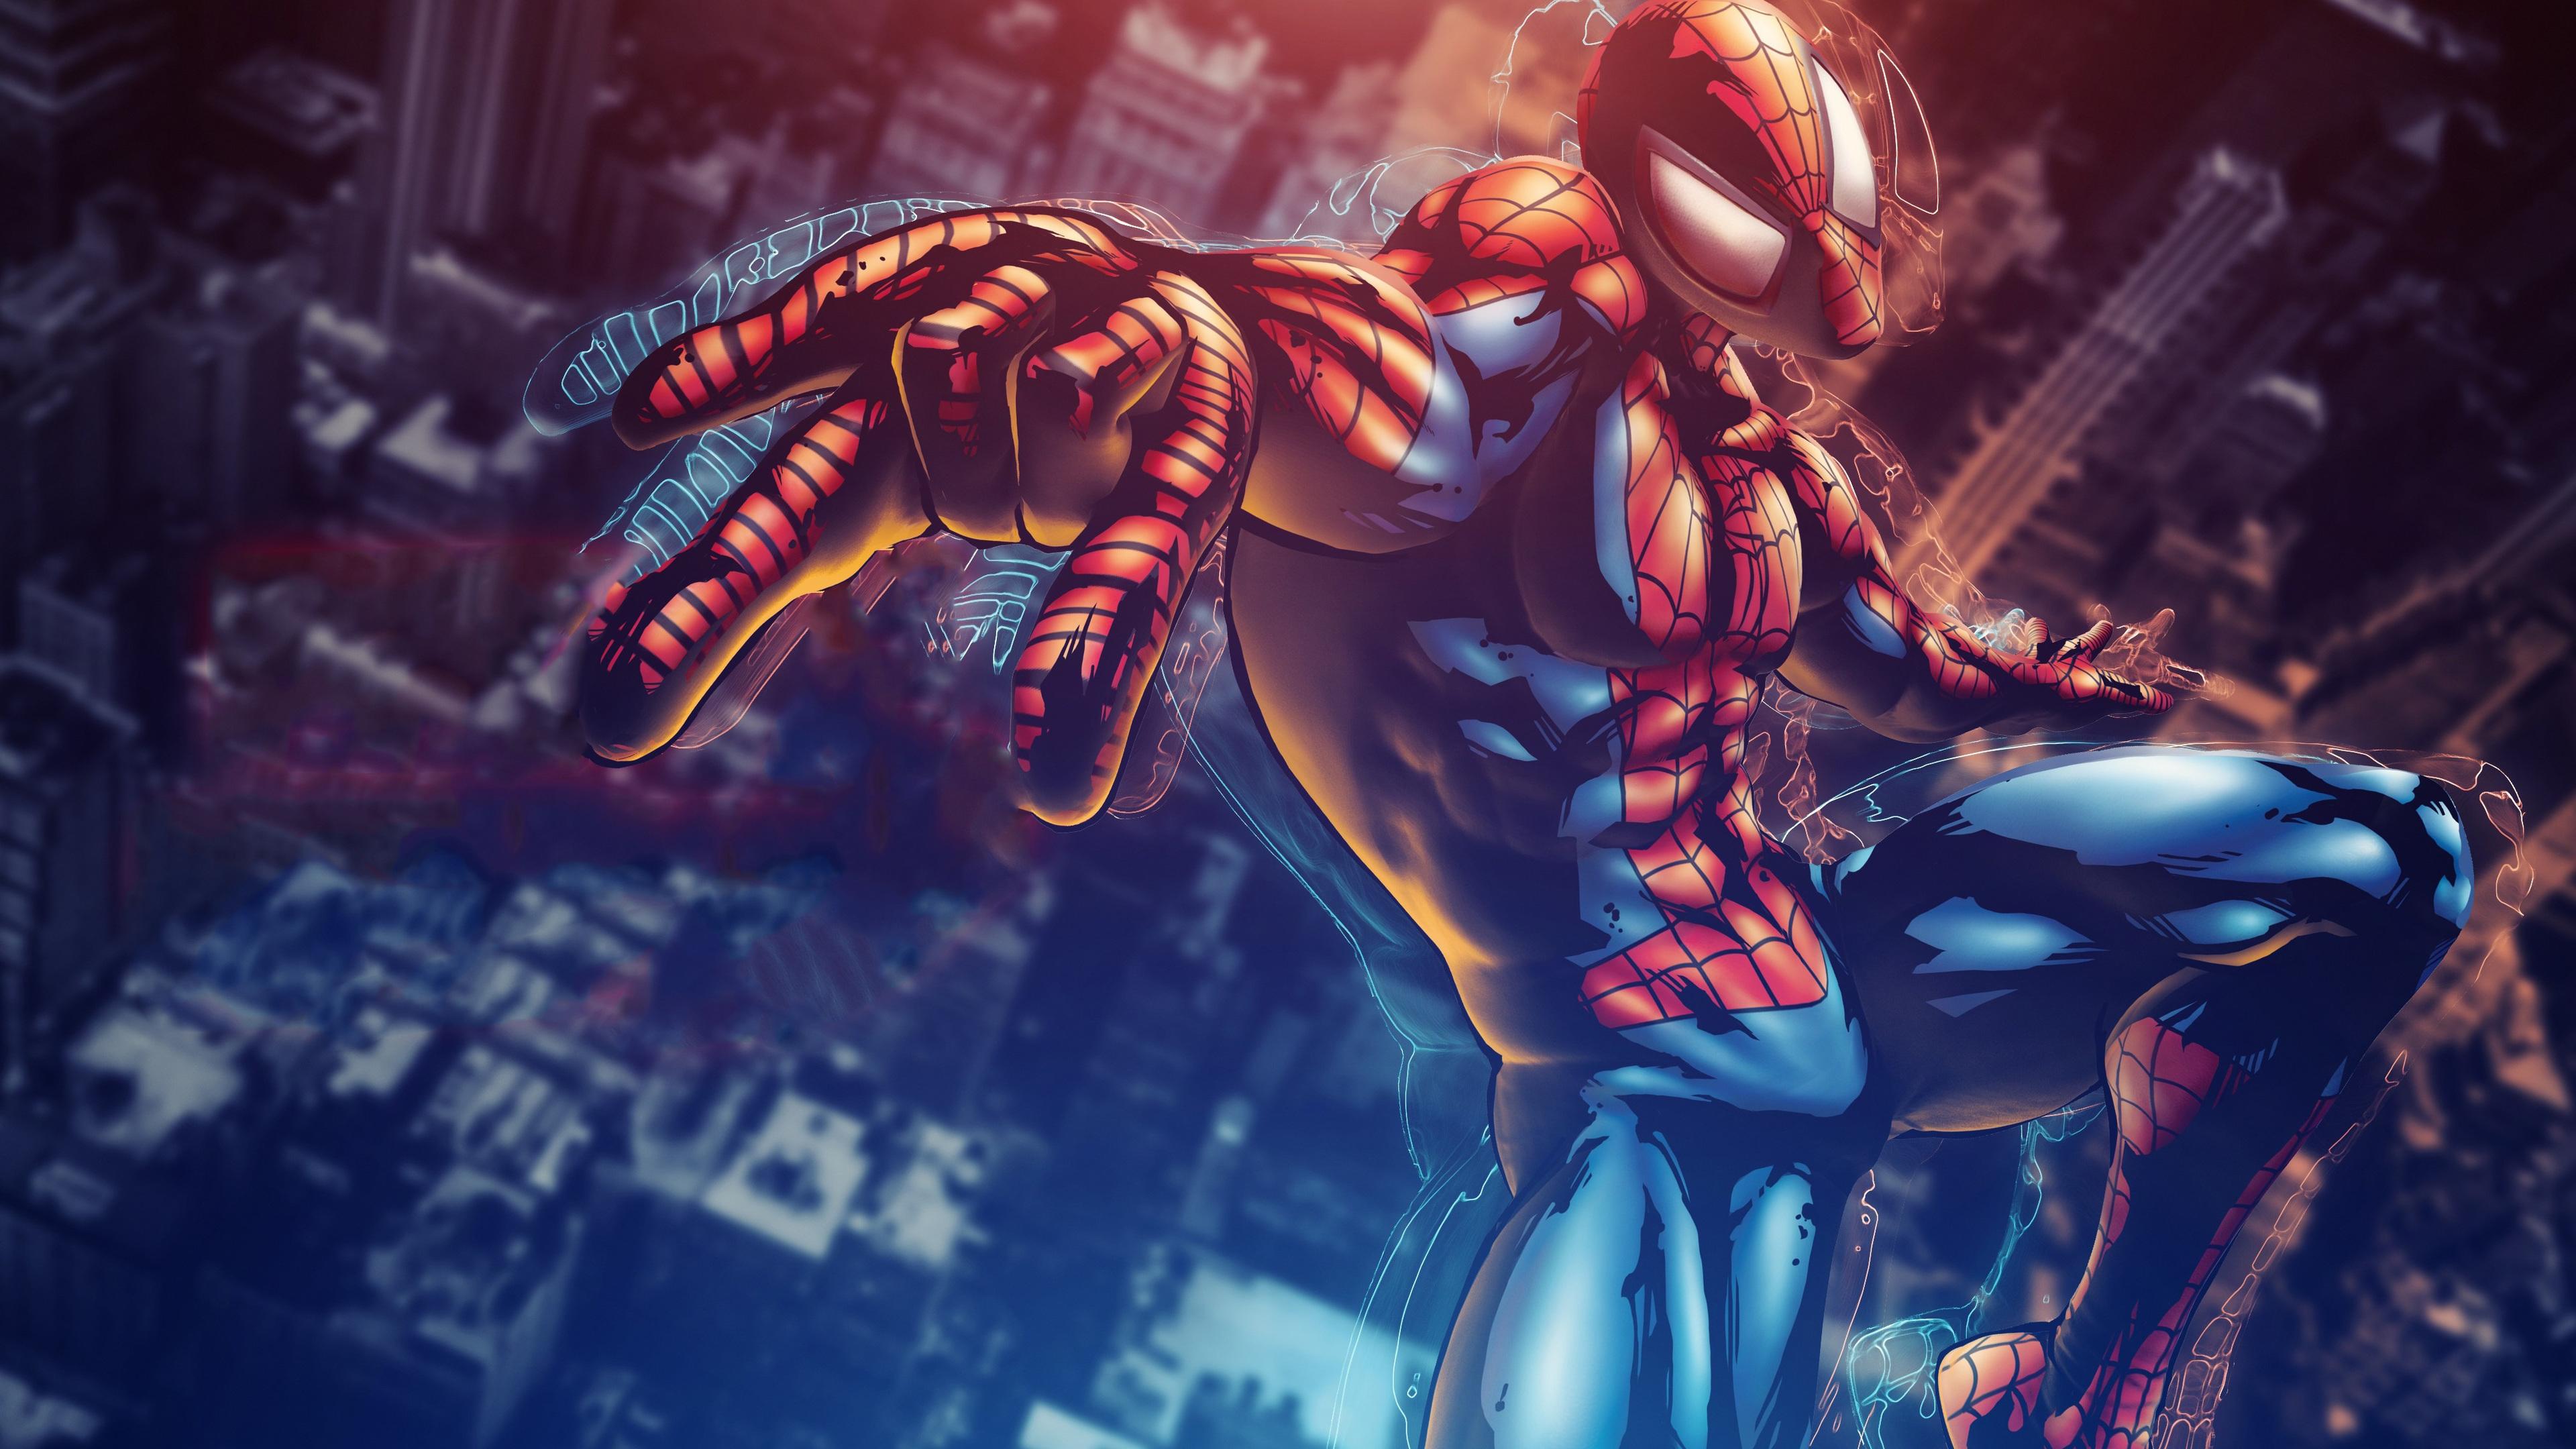 marvel vs capcom 3 spiderman 4k 1537692368 - Marvel Vs Capcom 3 Spiderman 4k - spiderman wallpapers, marvel vs capcom infinite wallpapers, hd-wallpapers, games wallpapers, 4k-wallpapers, 2017 games wallpapers